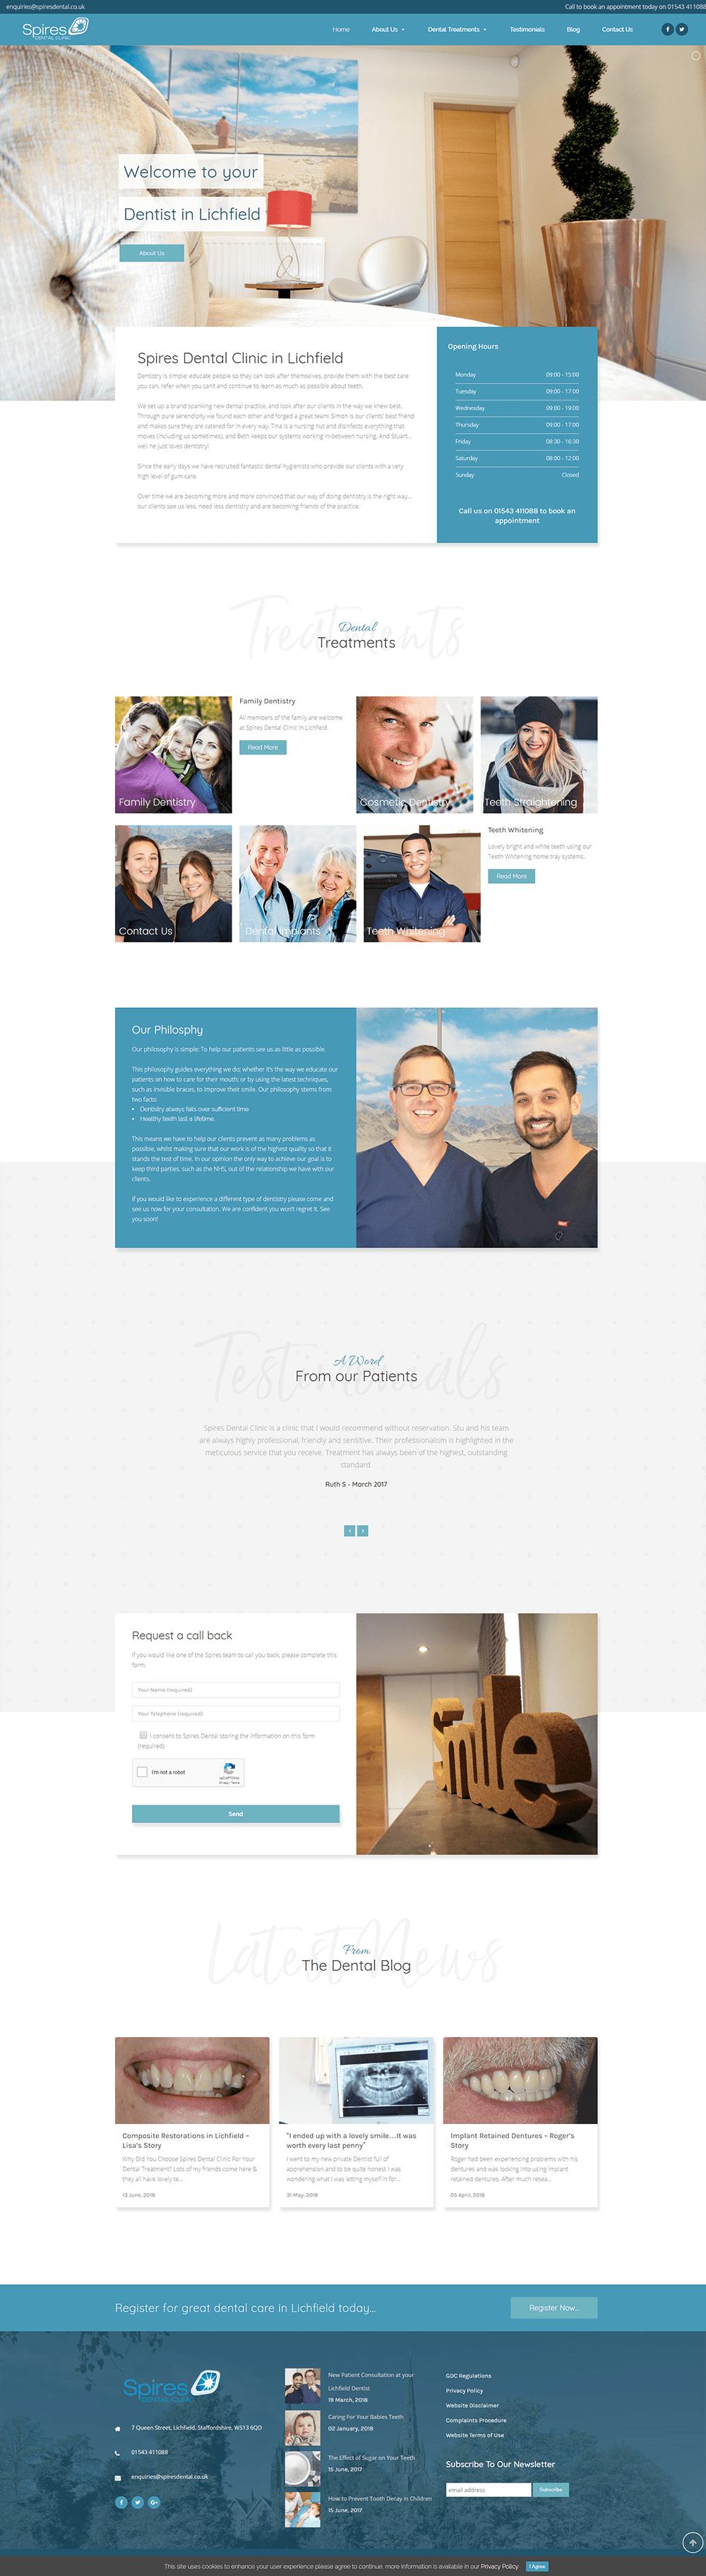 spires lichfield website design